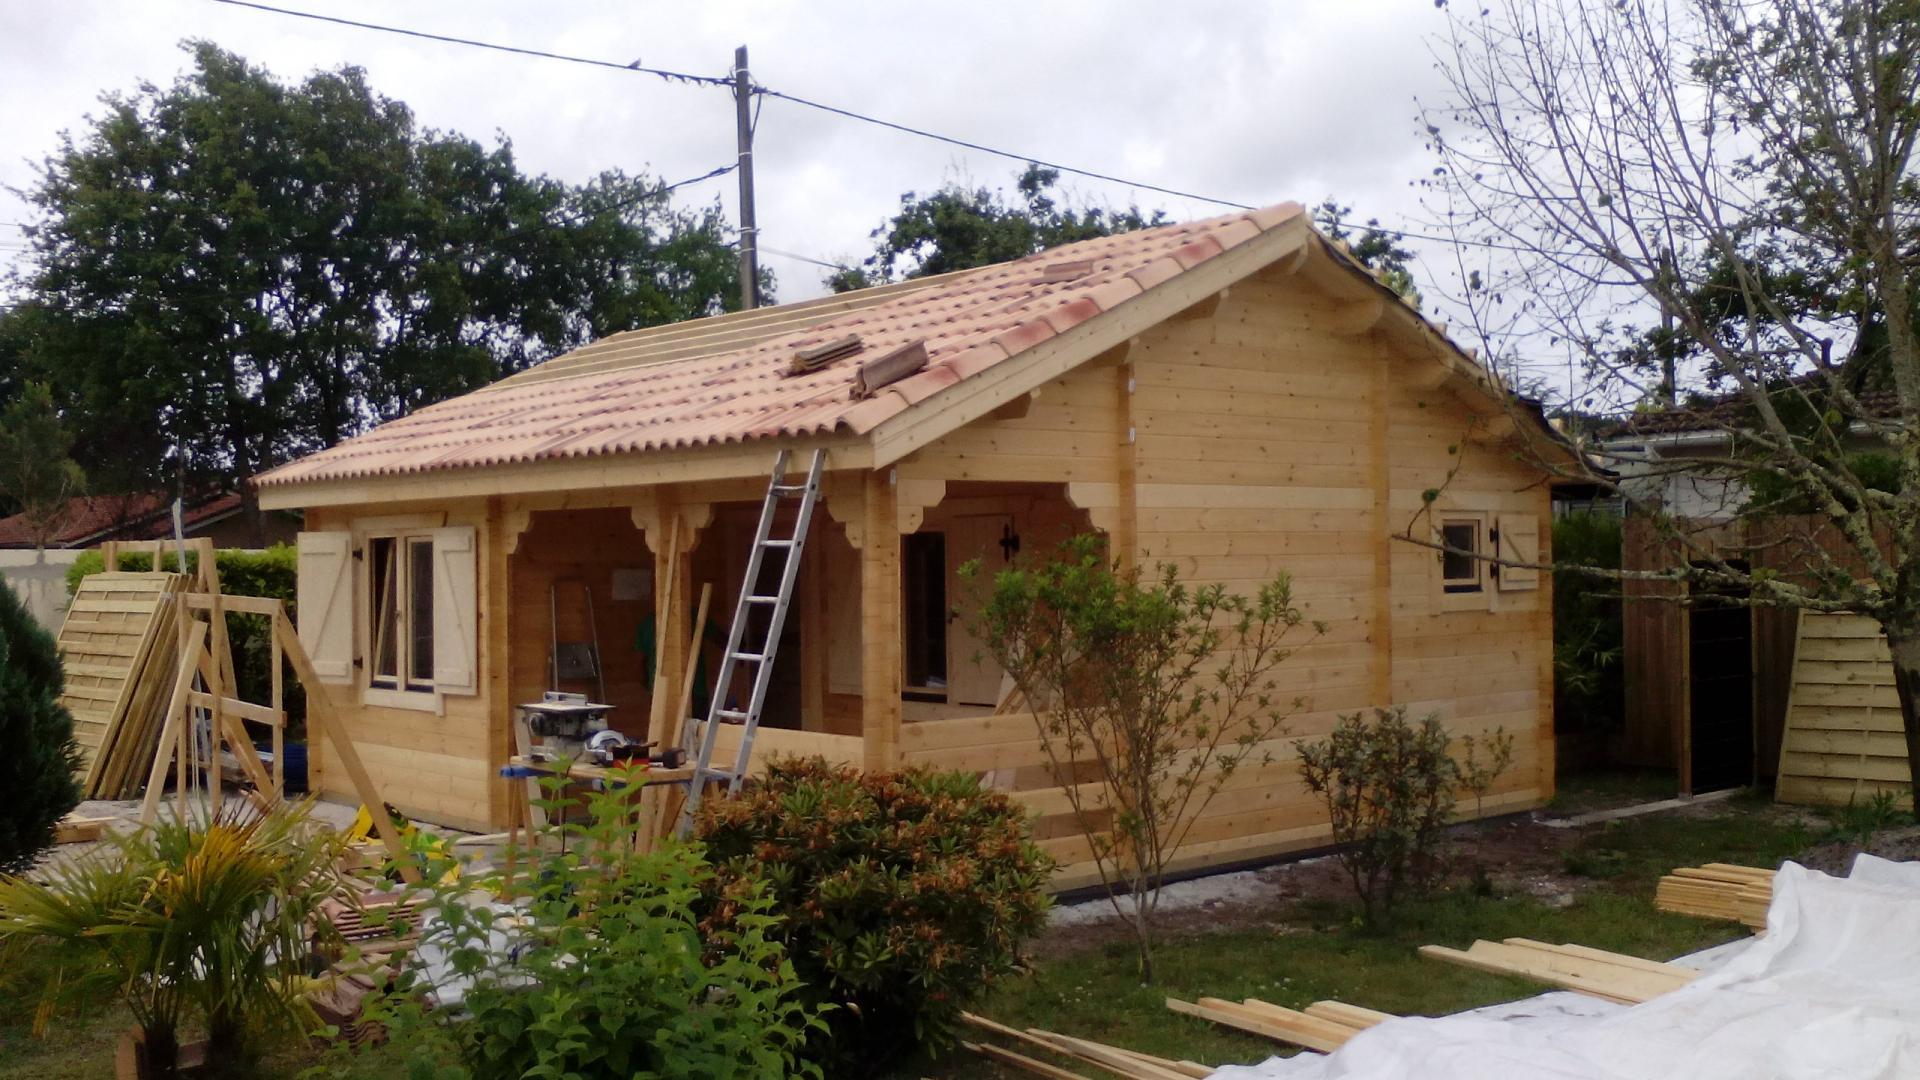 Fabricant Constructeur De Kits Chalets En Bois Habitables ... encequiconcerne Abri Jardin 30M2